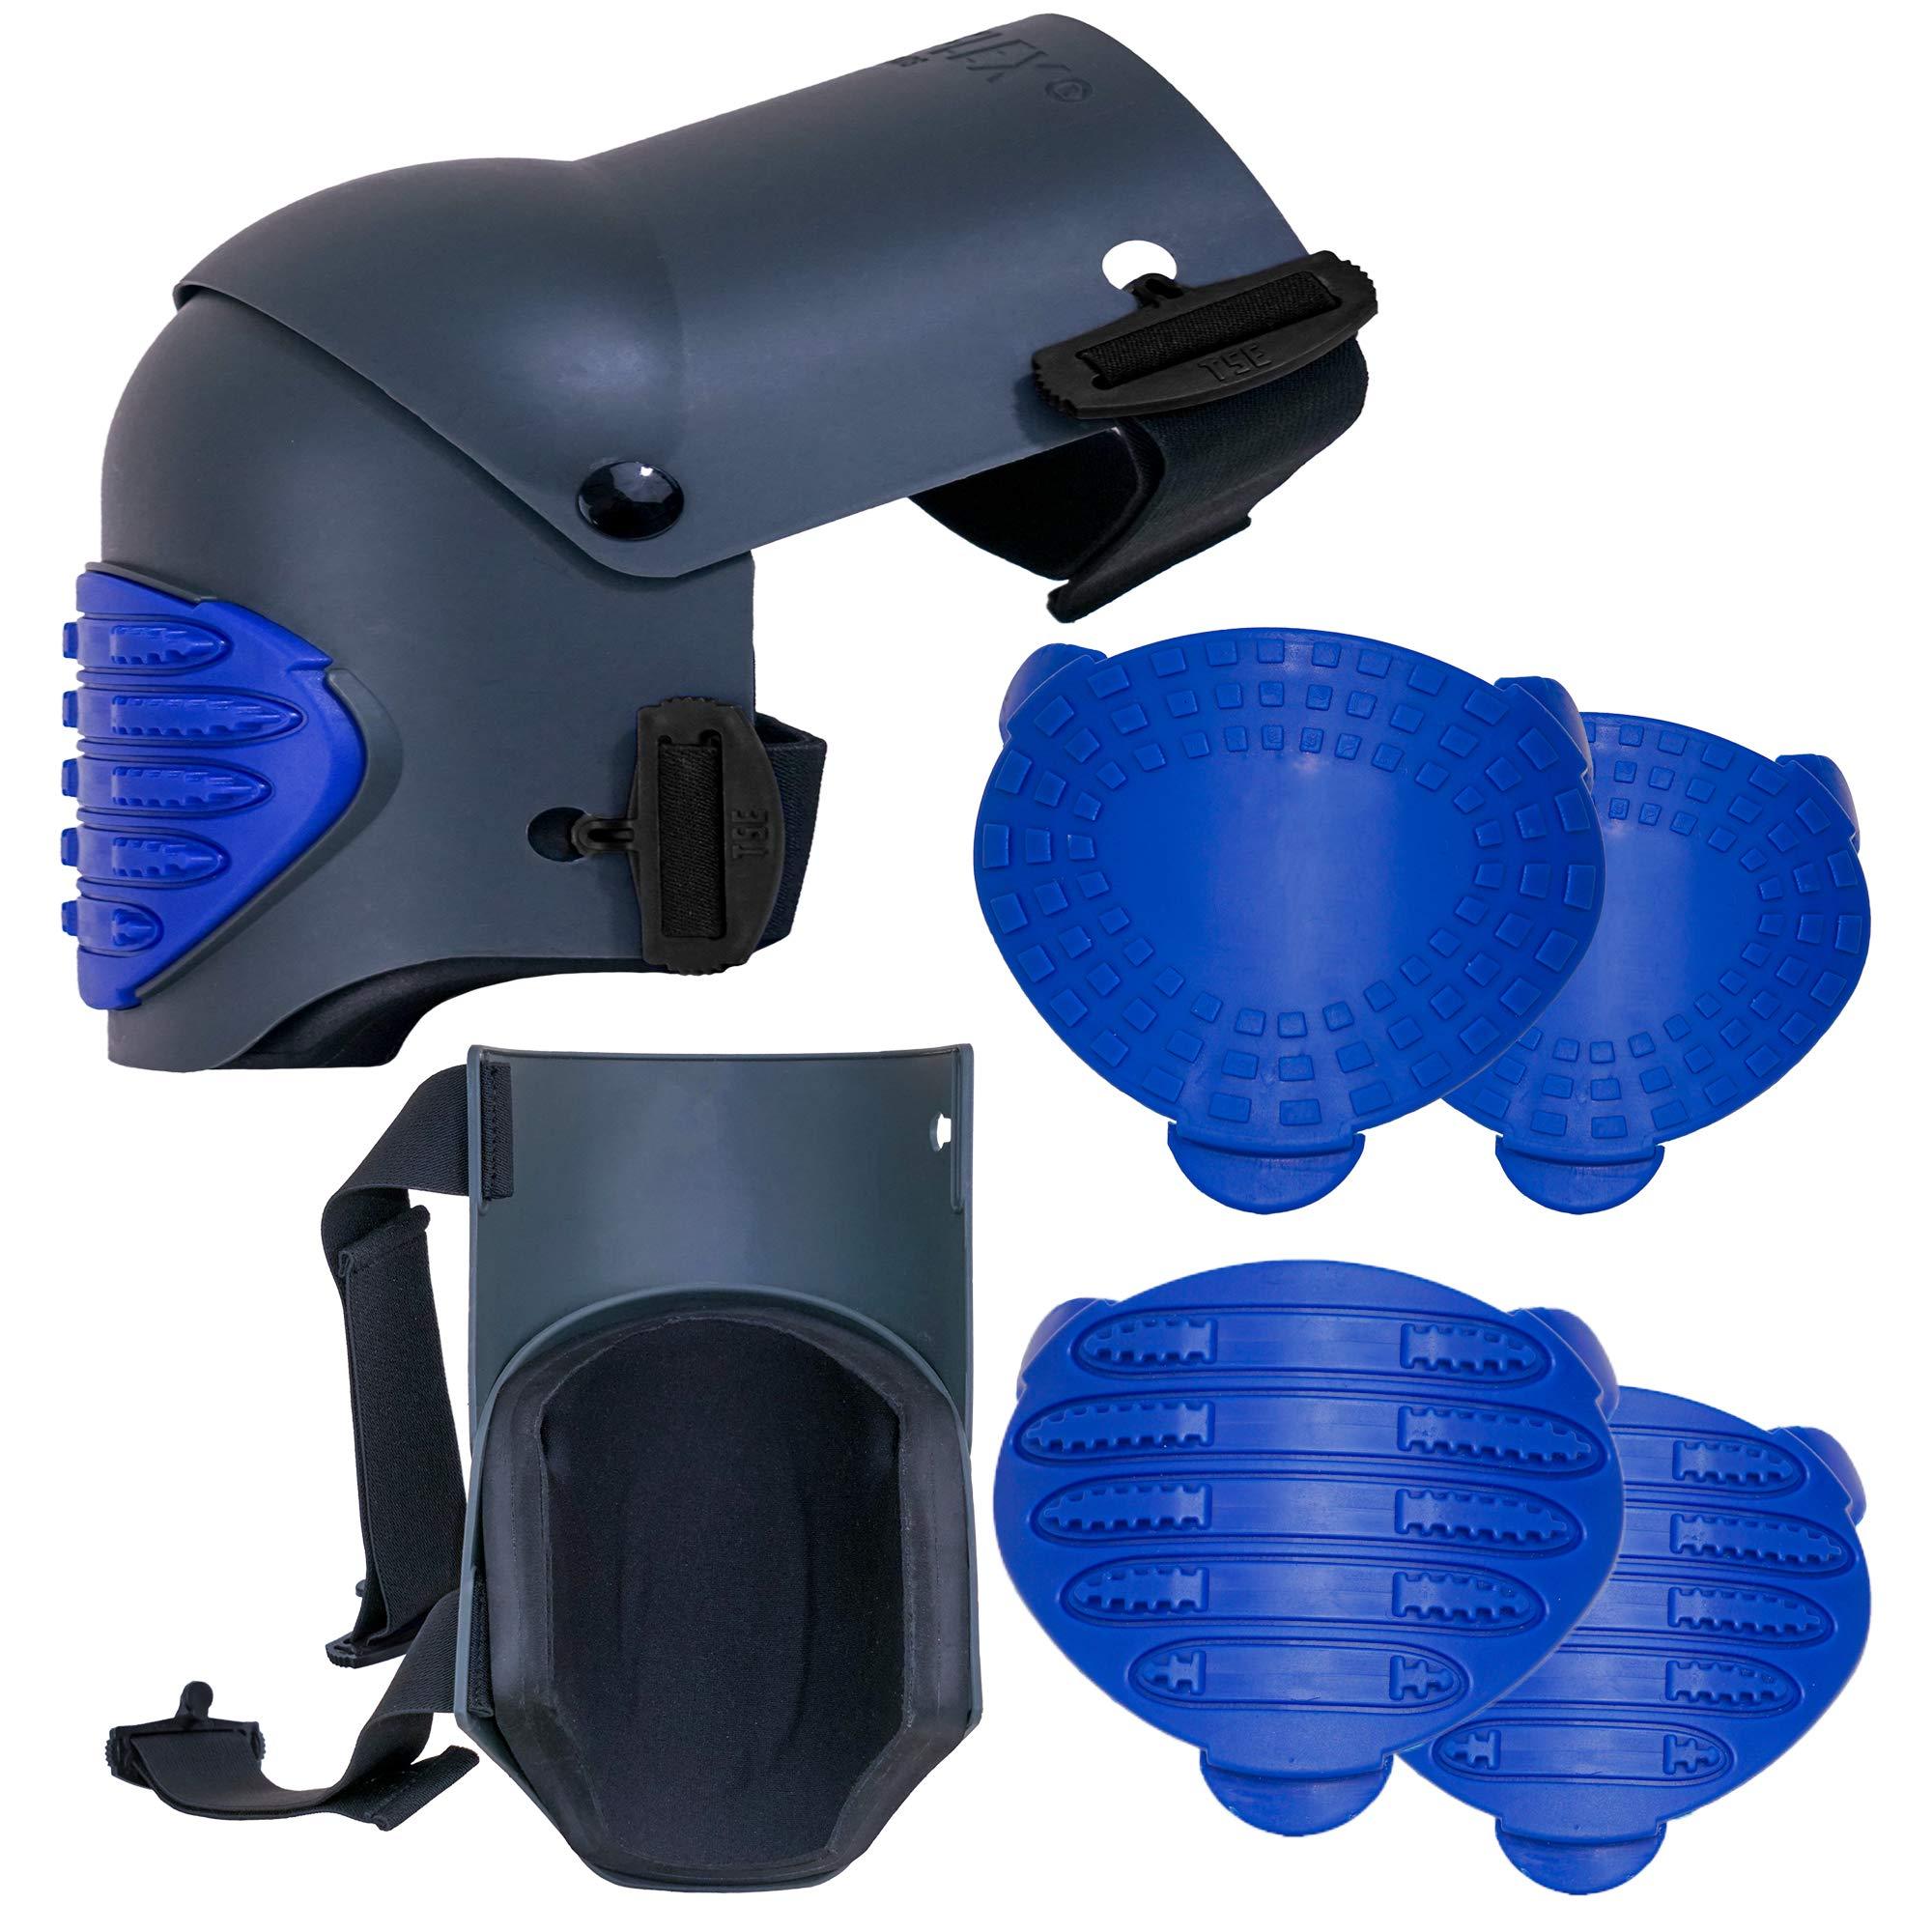 TSE Safety True Flex Heavy Duty Gel Knee Pads by TSE Safety